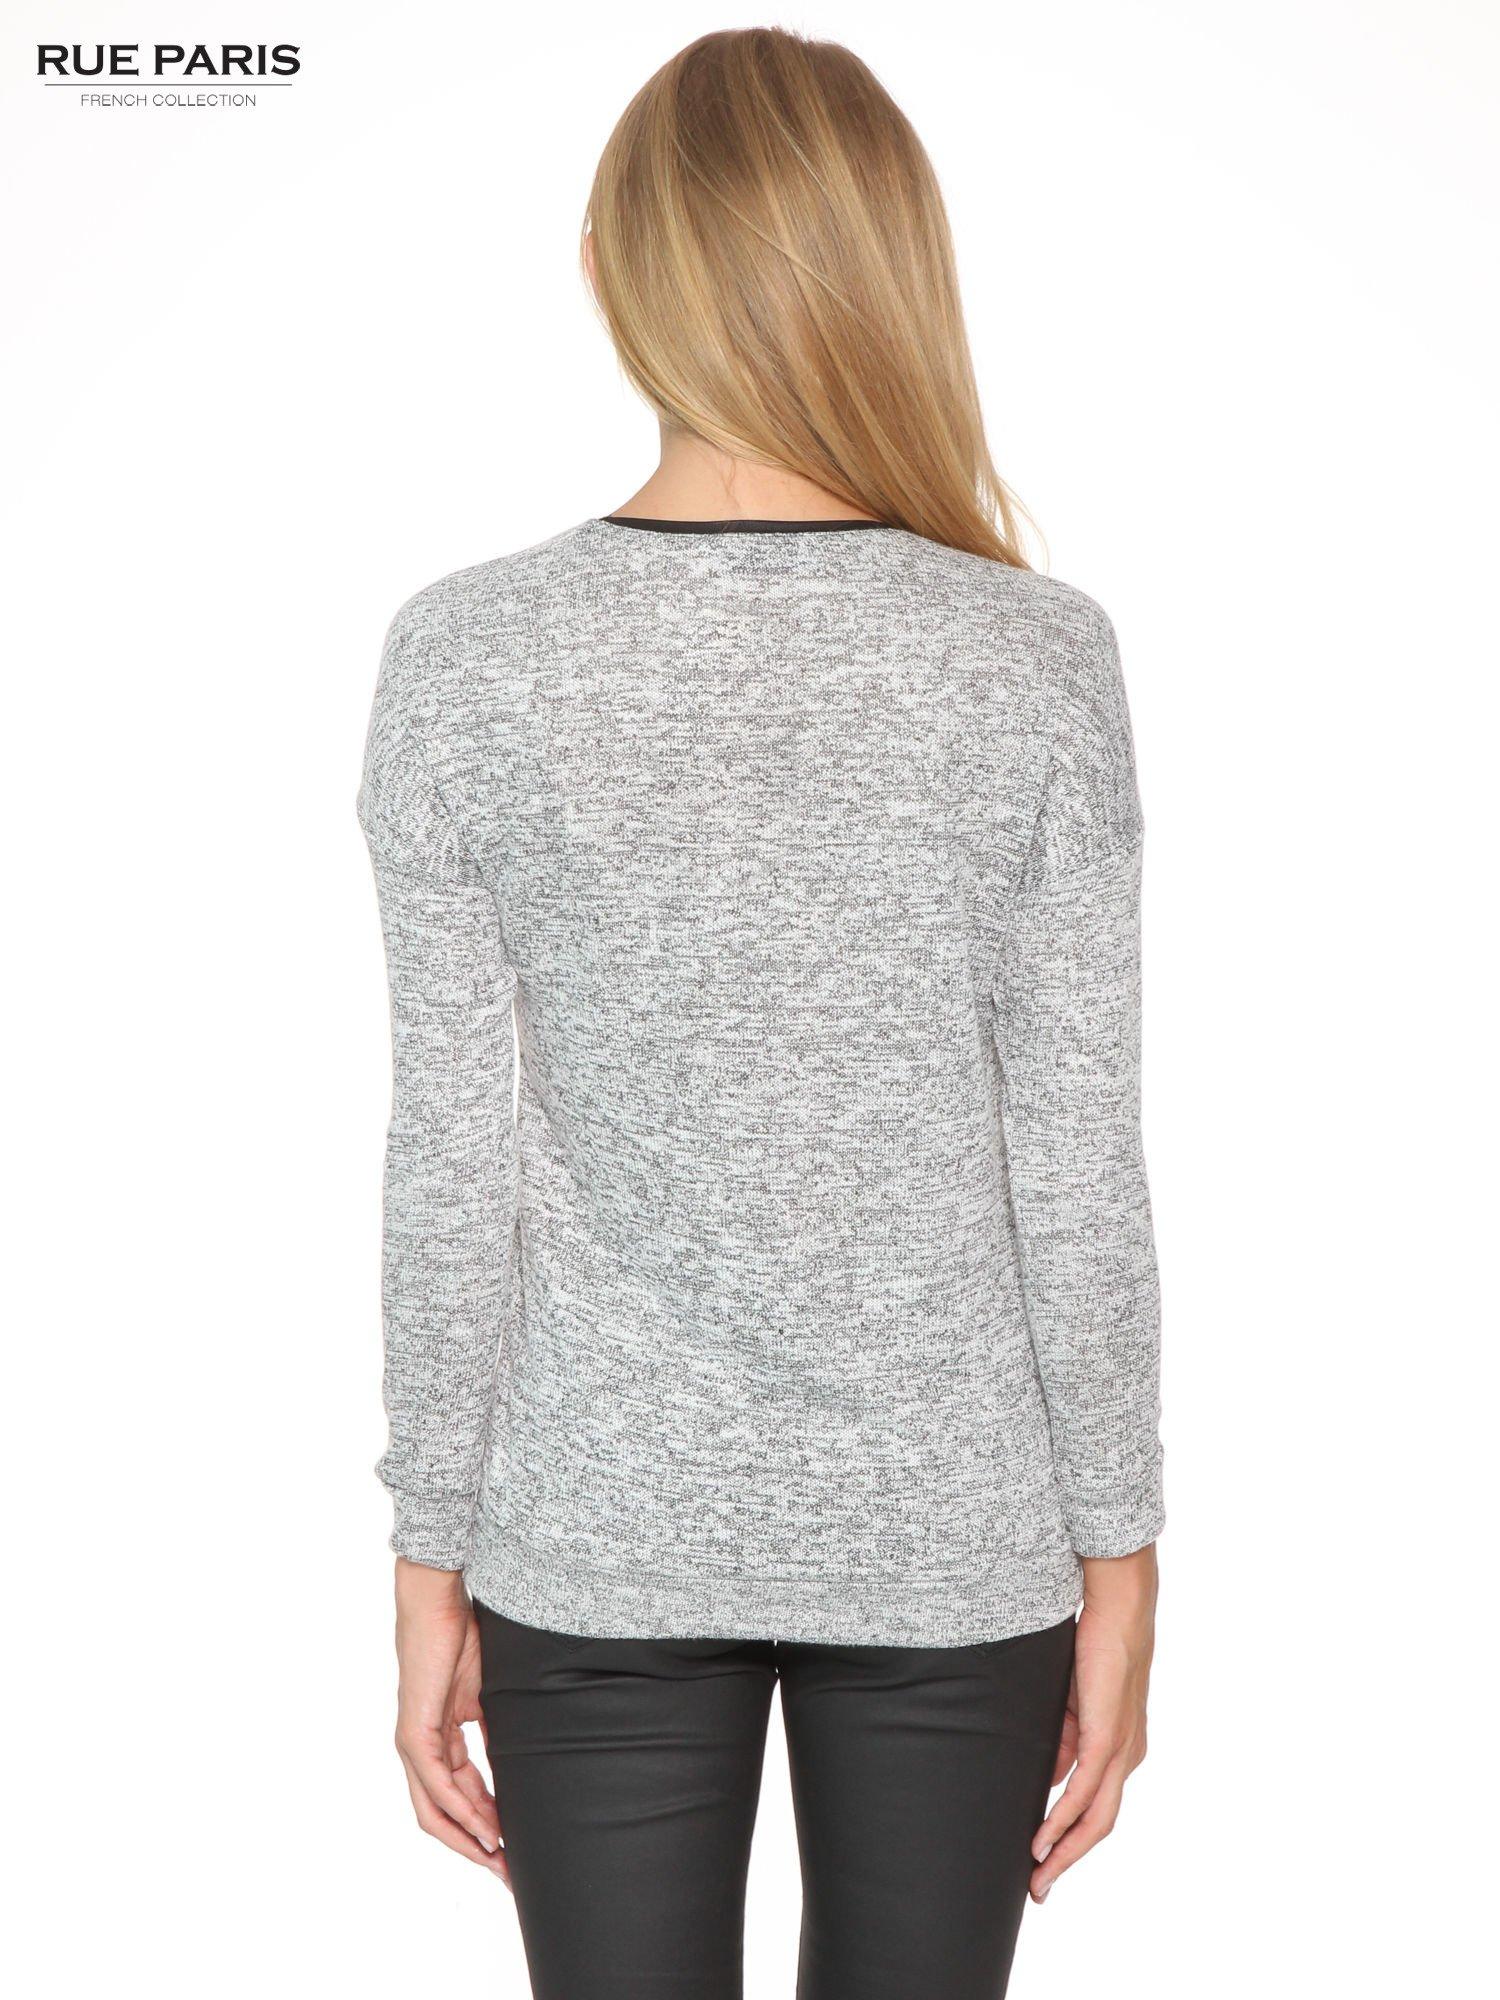 Szary melanżowy sweter z kontrastowymi wstawkami przy dekolcie                                  zdj.                                  4